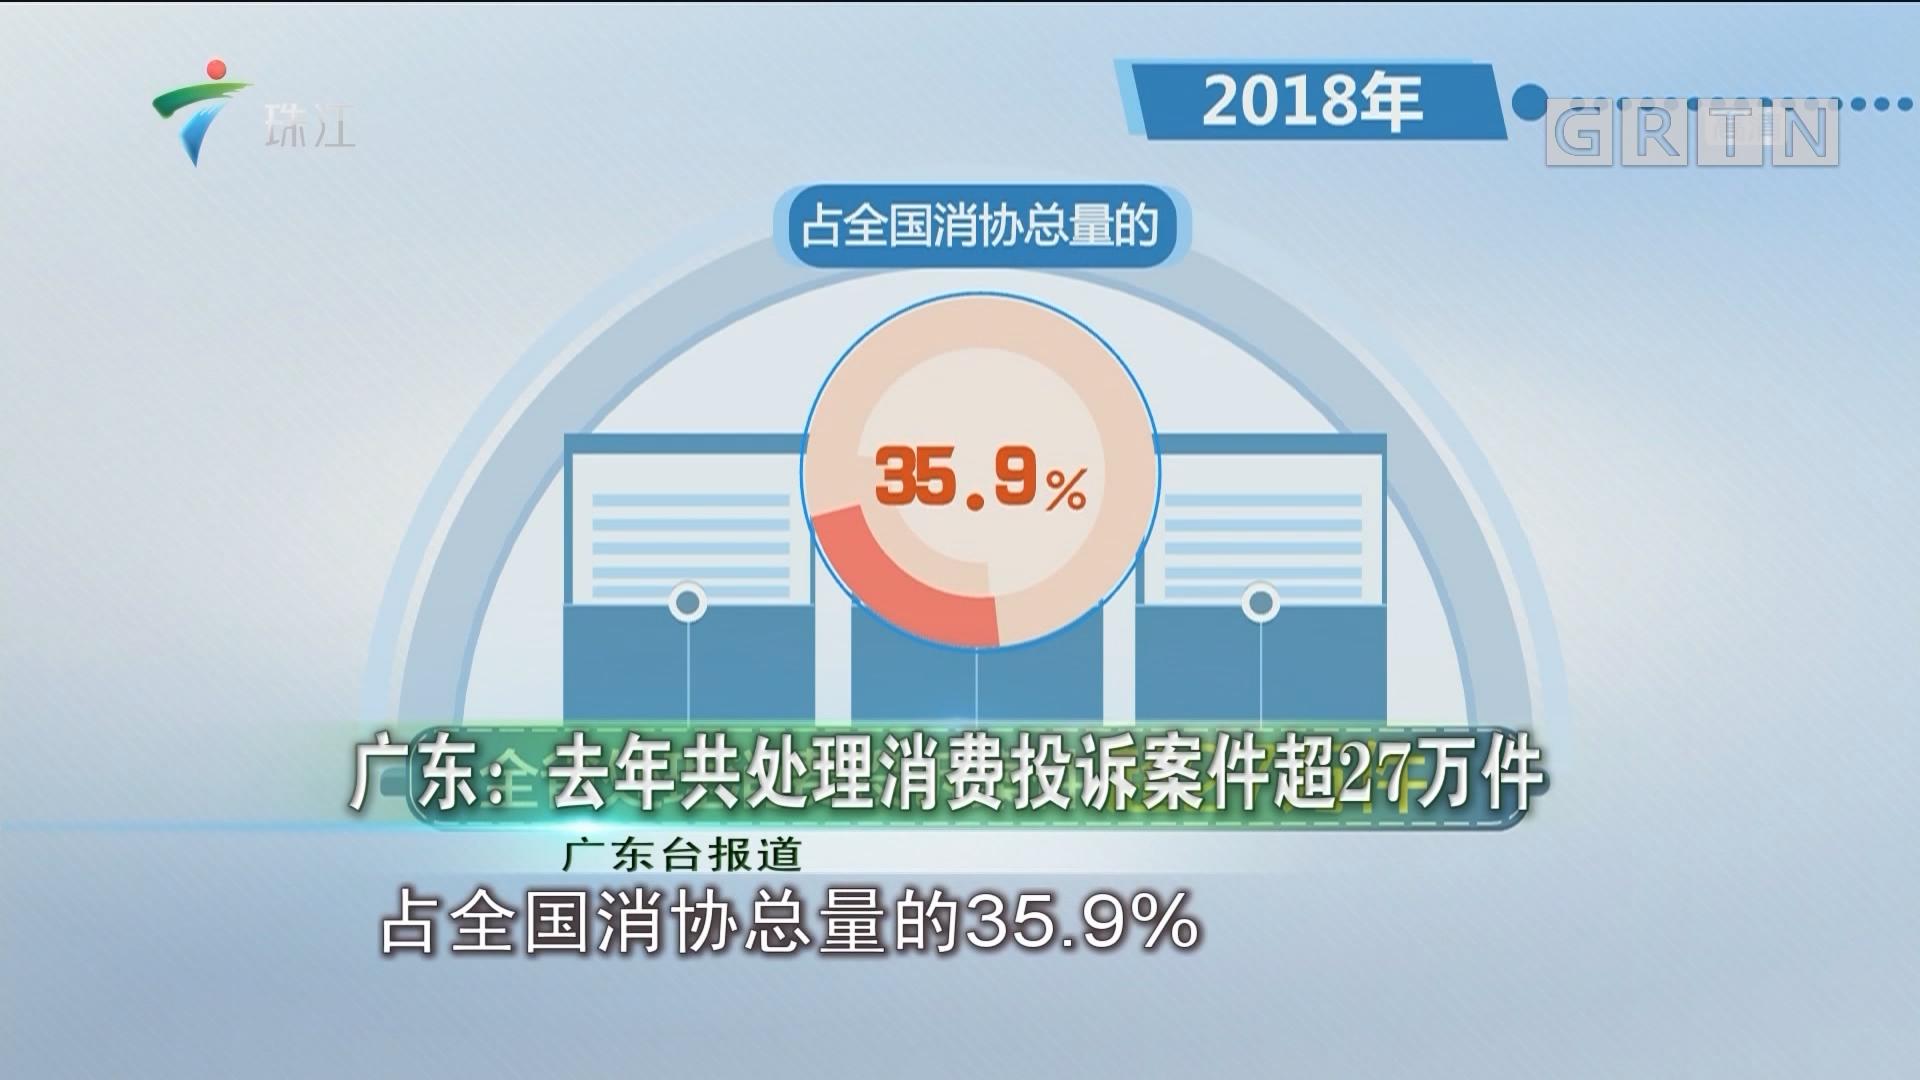 广东:去年共处理消费投诉案件超27万件